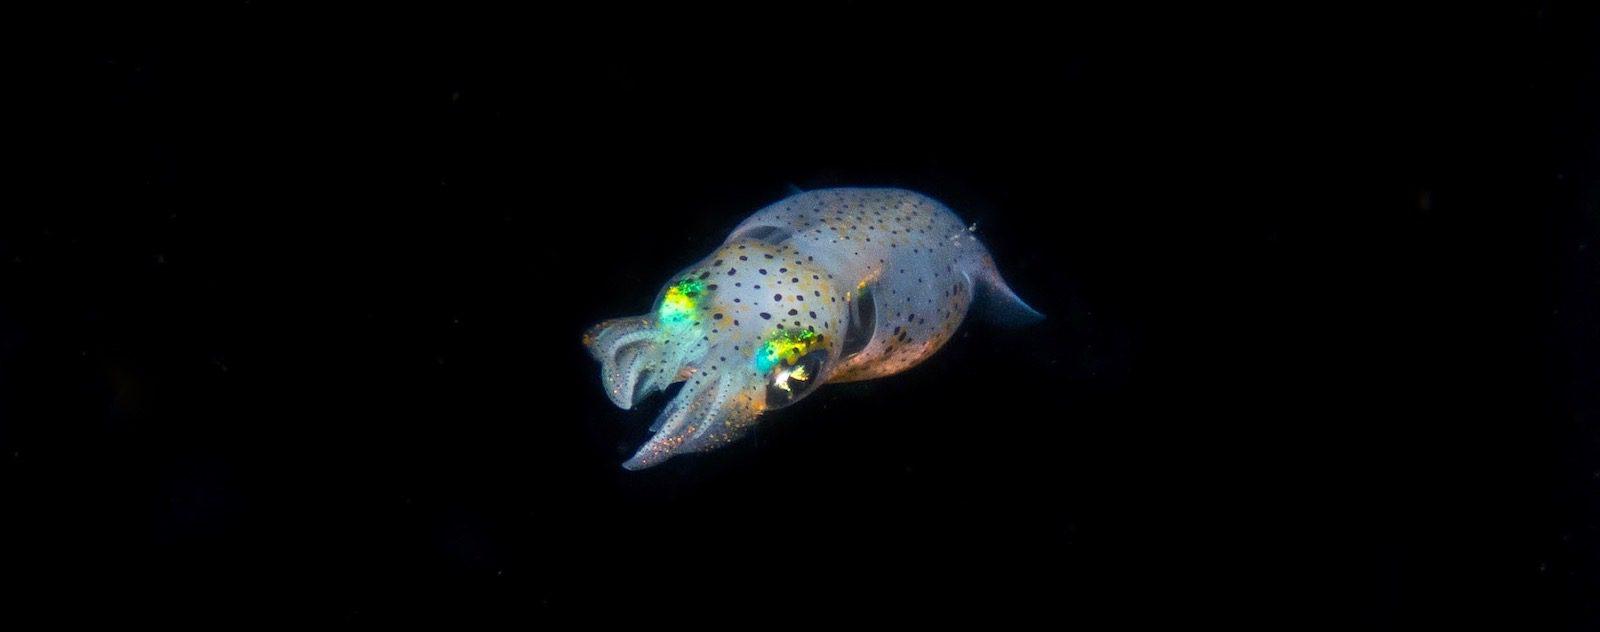 Squid blackwater lembeh